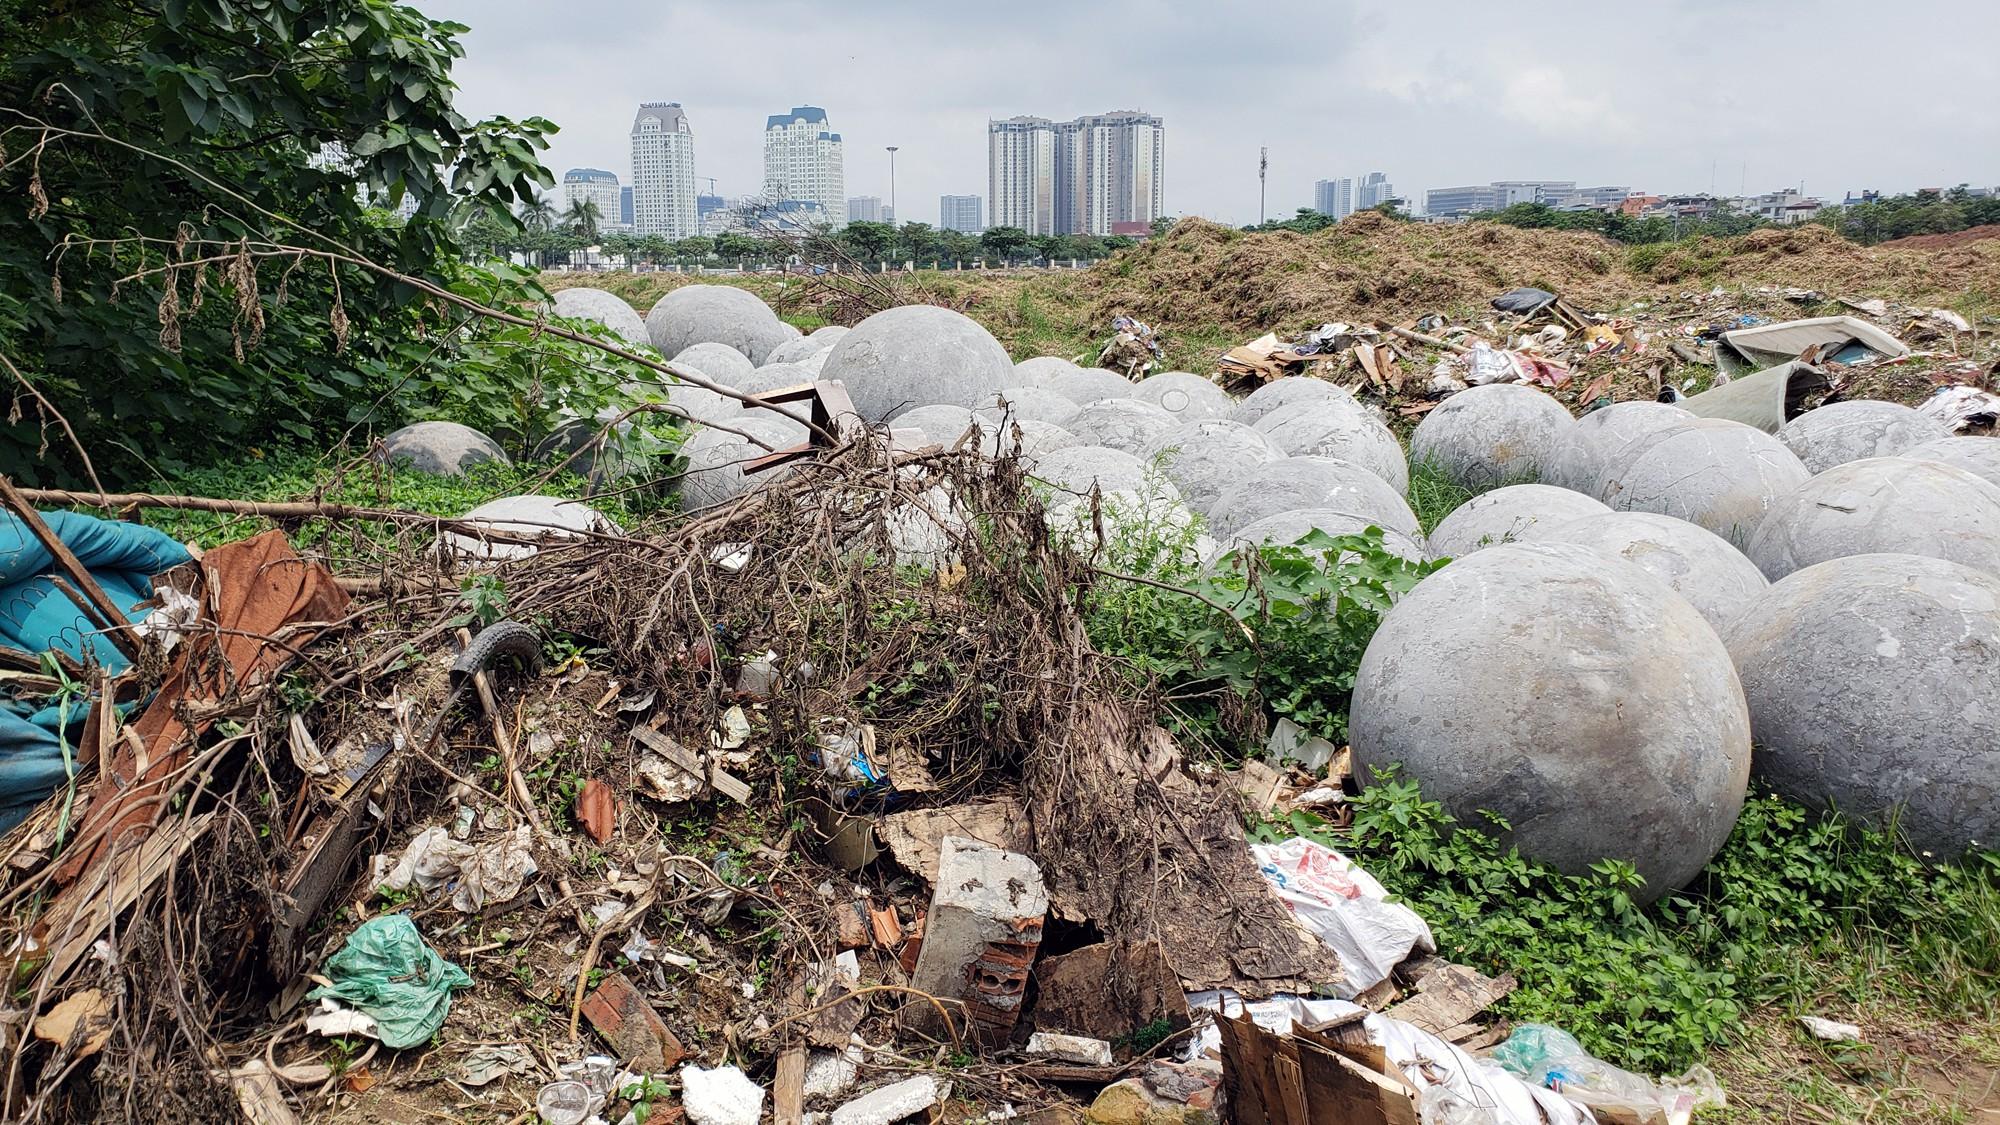 Bóng xích ở sân Mỹ Đình nguy cơ bị chôn trong rác - Ảnh 11.